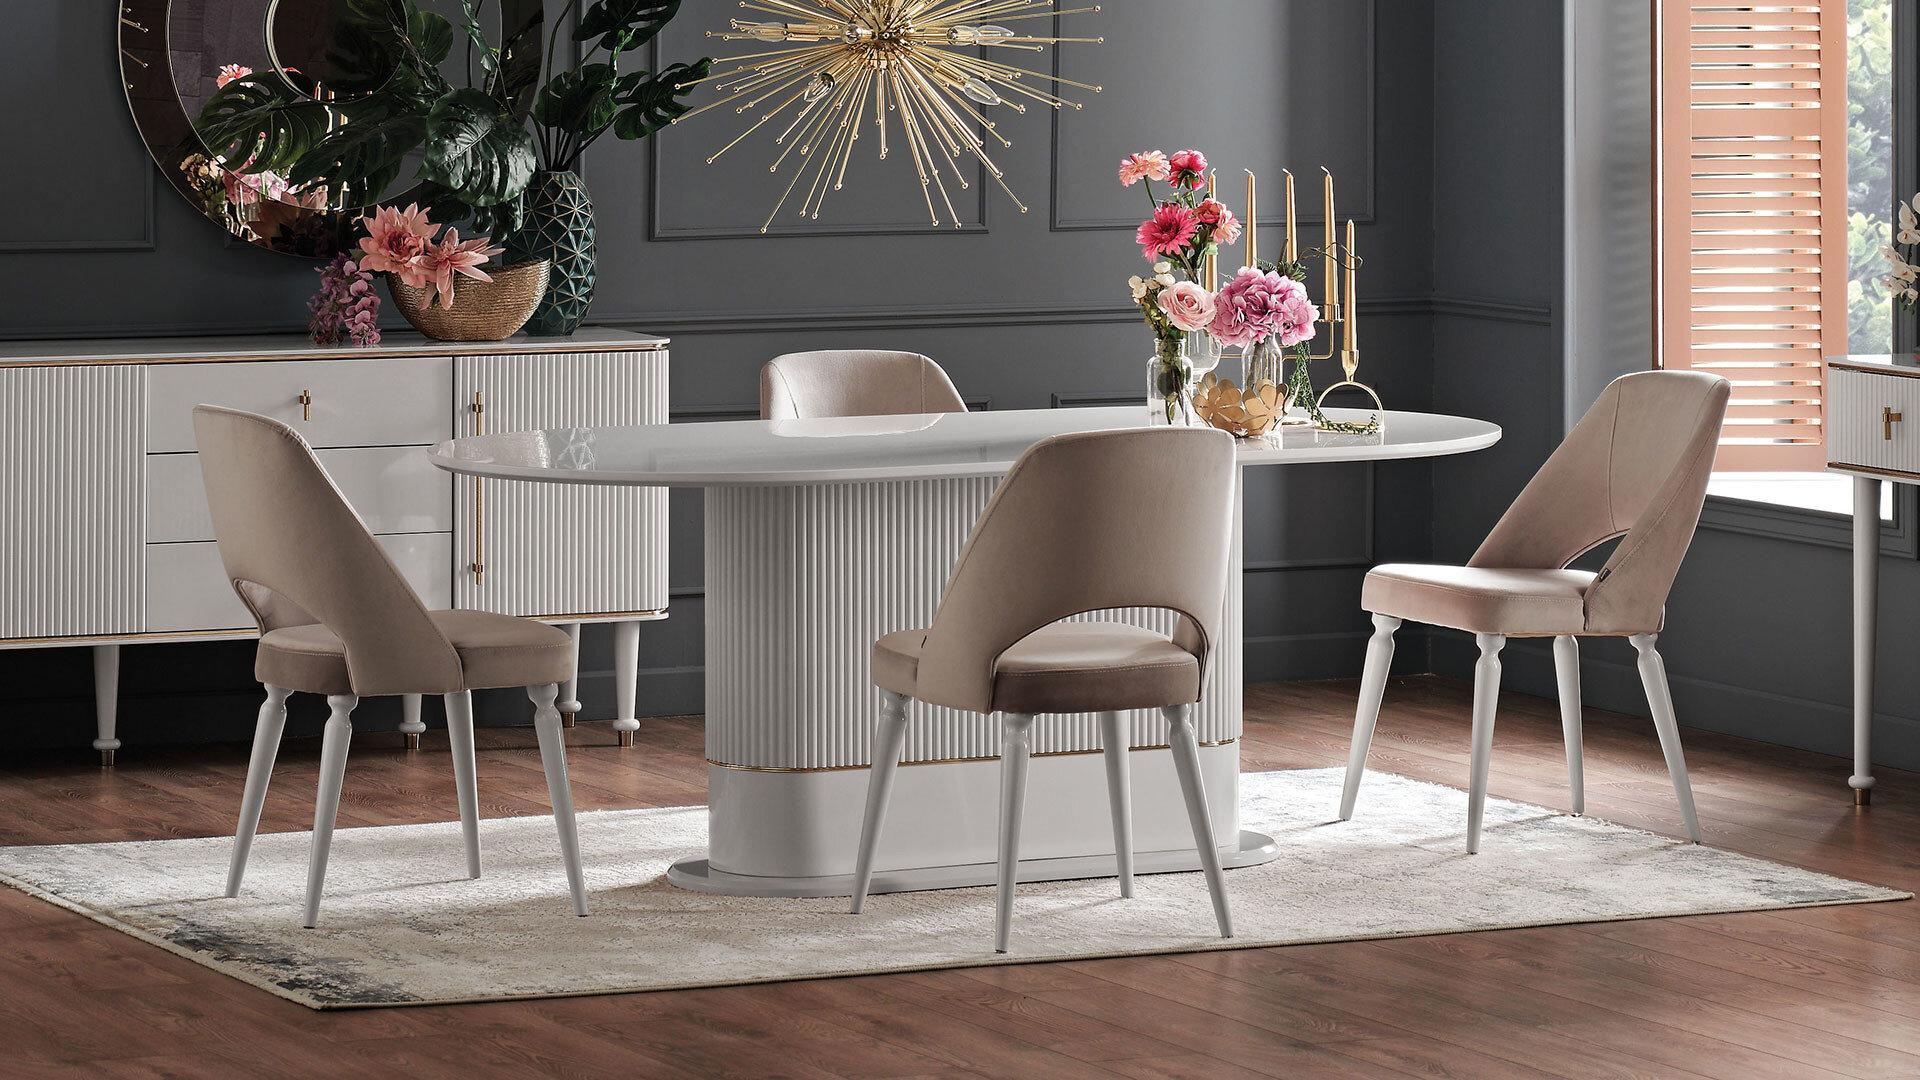 Olıvıa Sabı̇t Yemek Masası - Beyaz